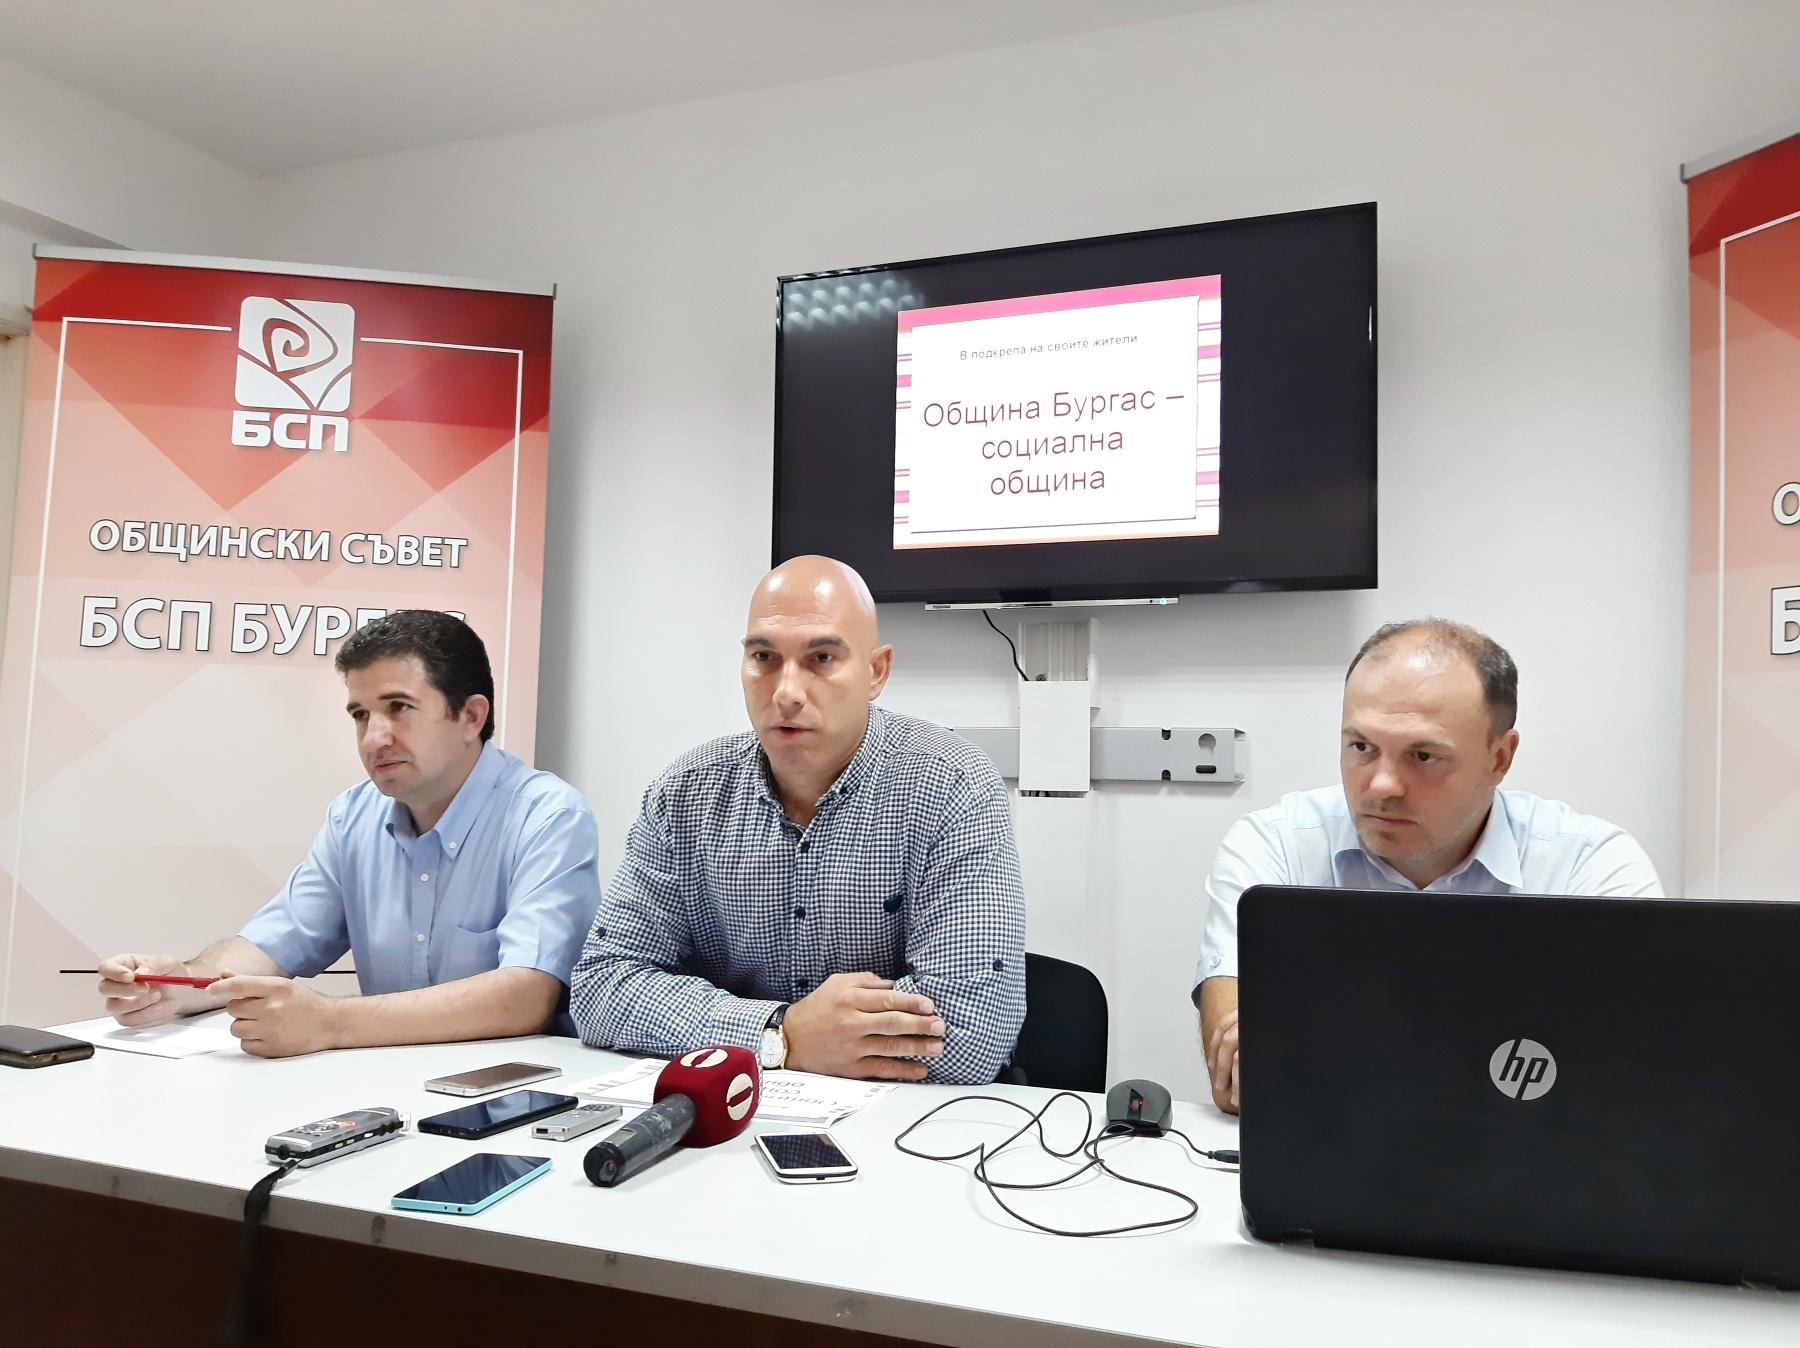 По 1000 лв. за новородено, стаж за студентите и намаляване на данък сгради предлагат социалистите от Бургас